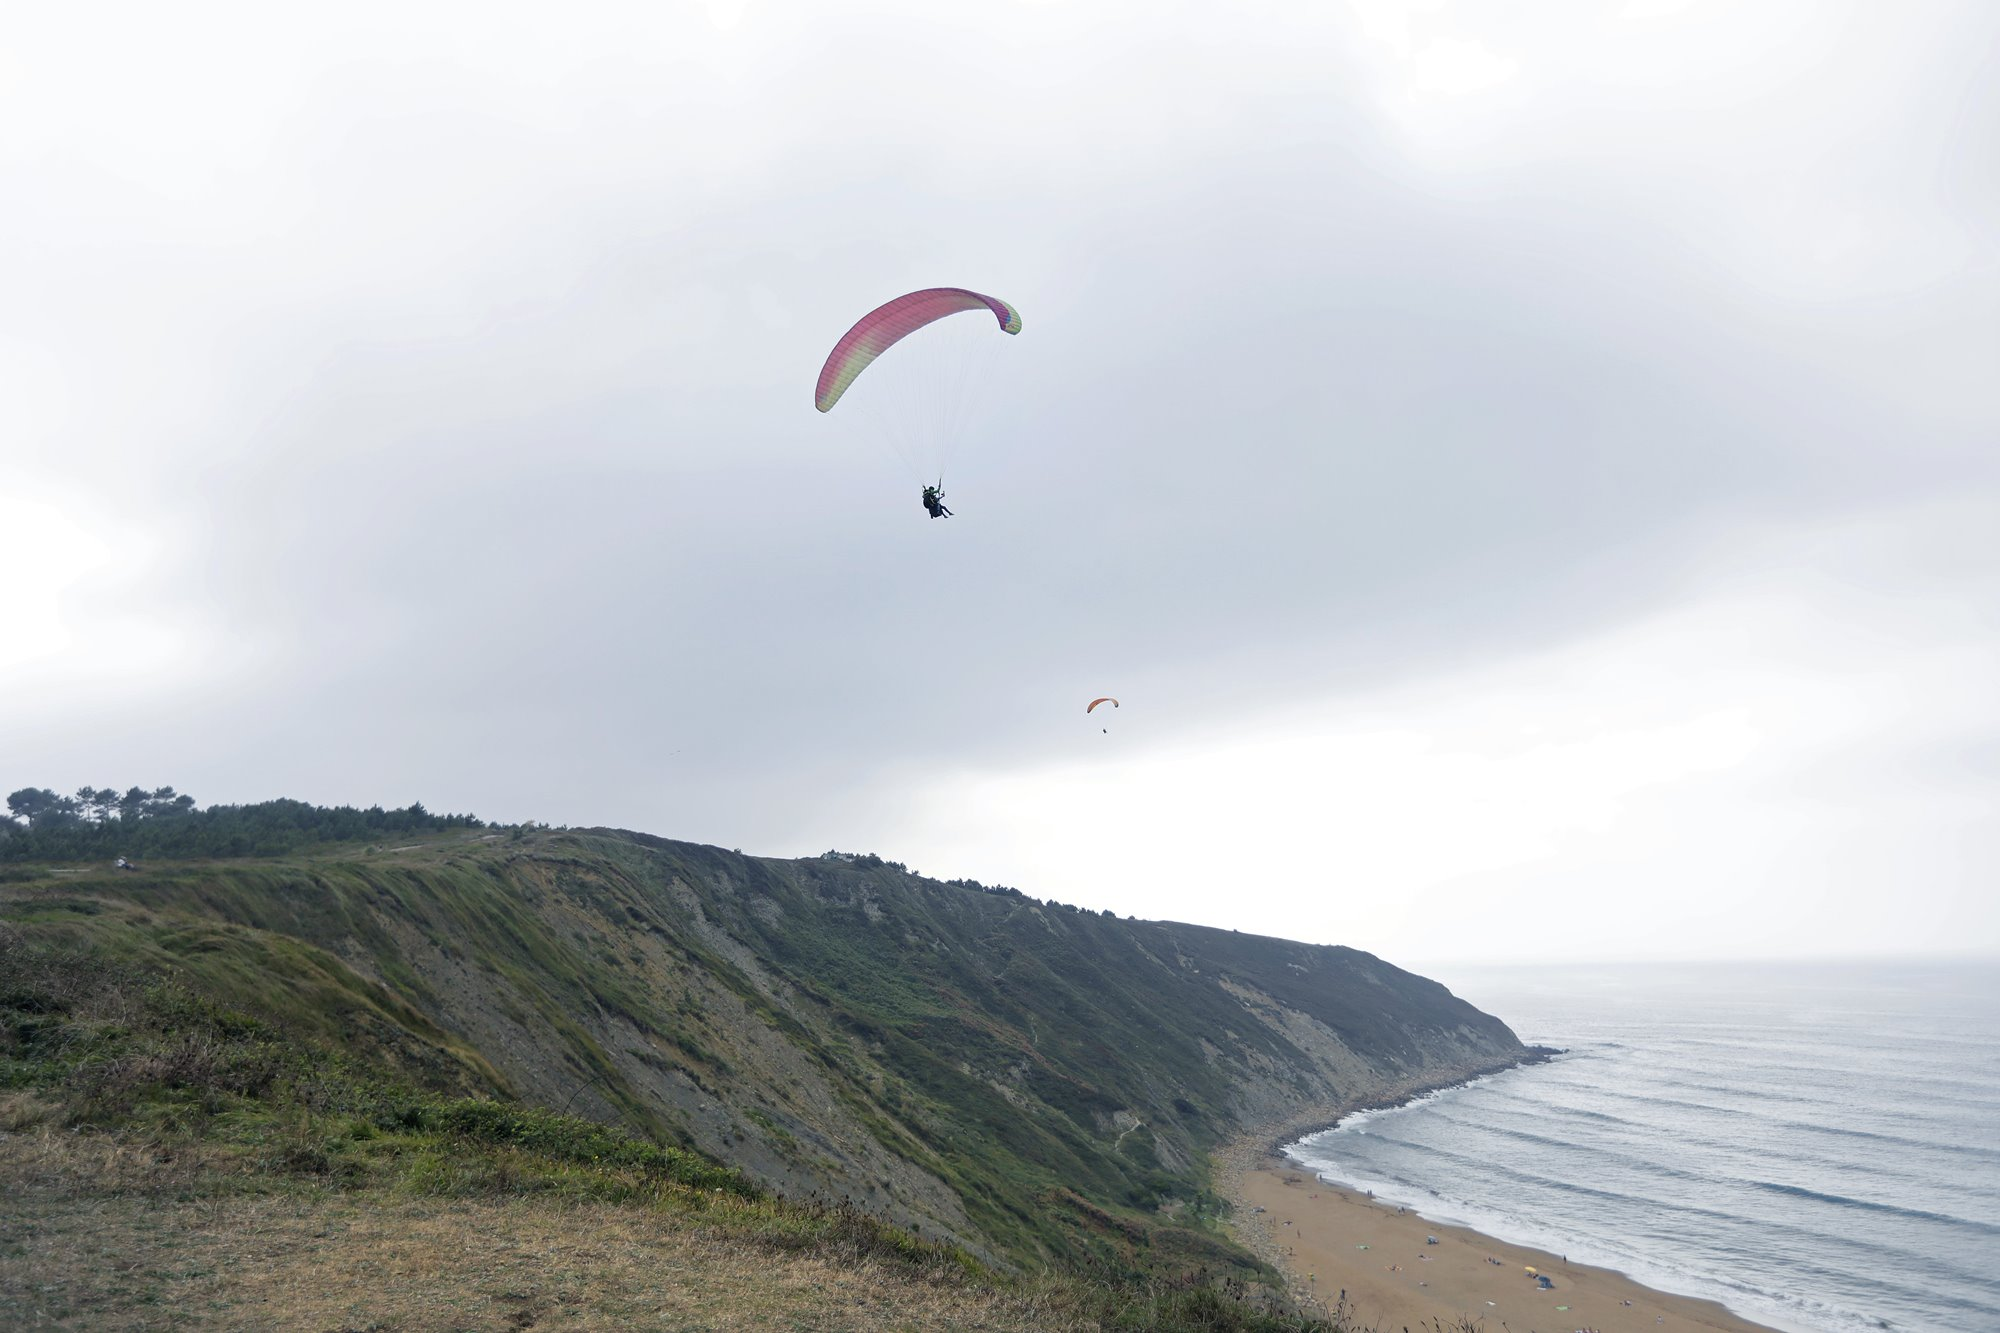 Cuando hay suficiente viento el parapente baja planeando hasta la playa de Sopelana.